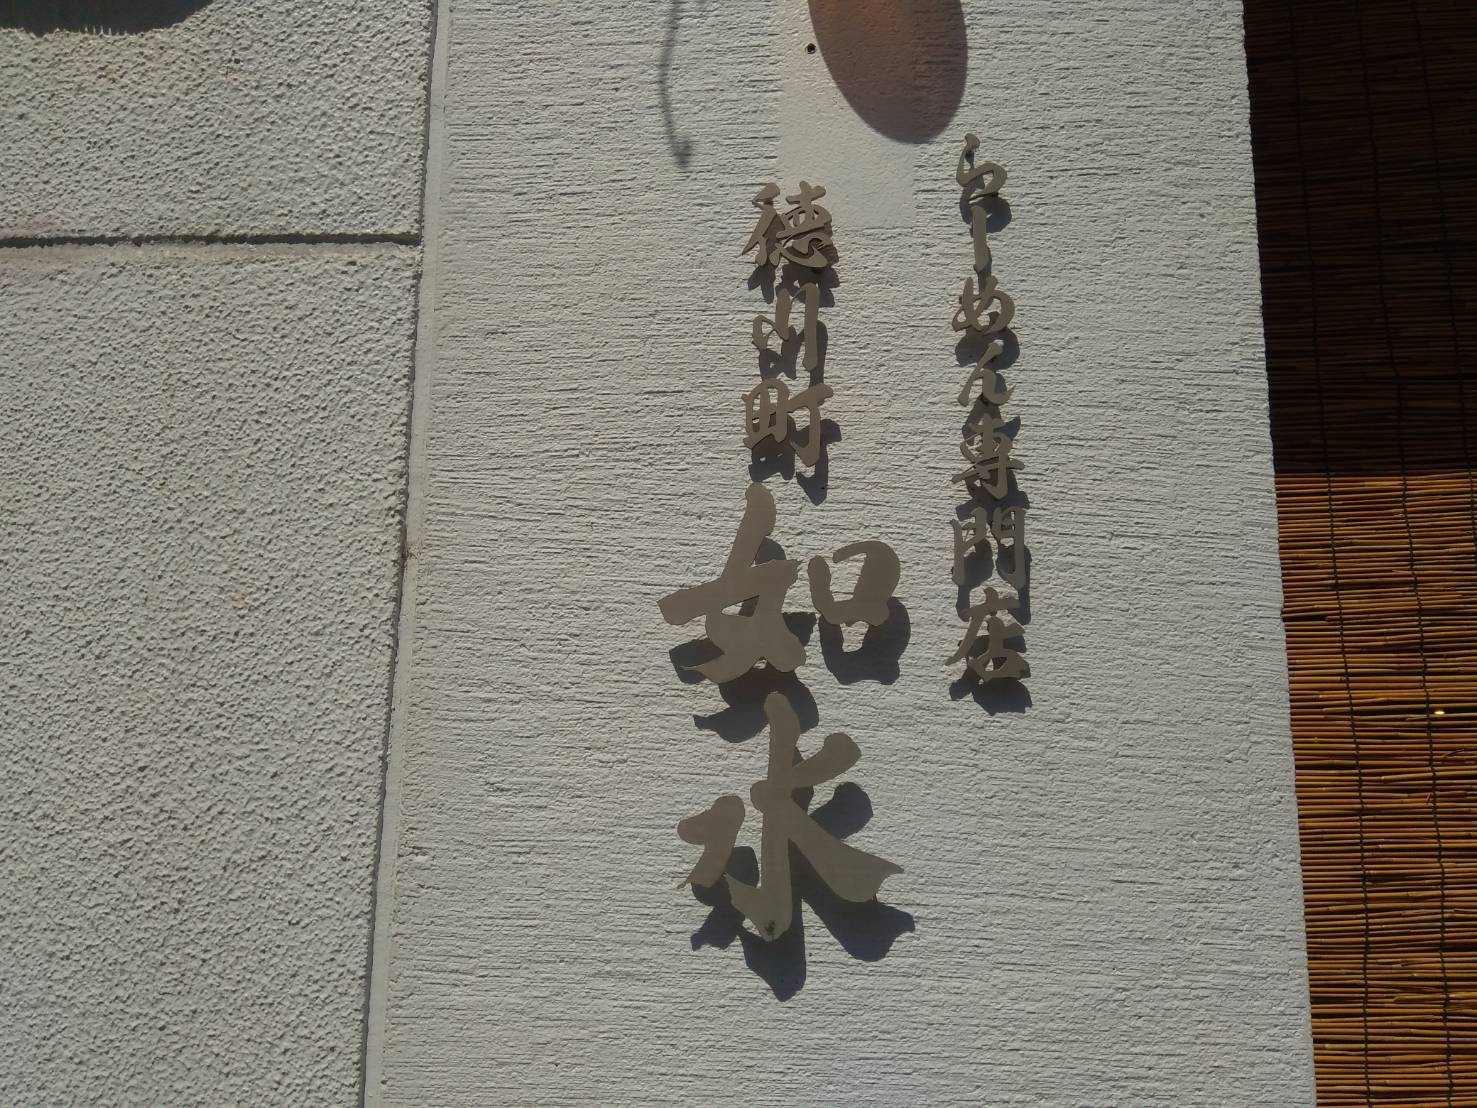 スープ旨し! 名古屋市東区のラーメン専門店 徳川町 如水 (じょすい)で至高の一杯!